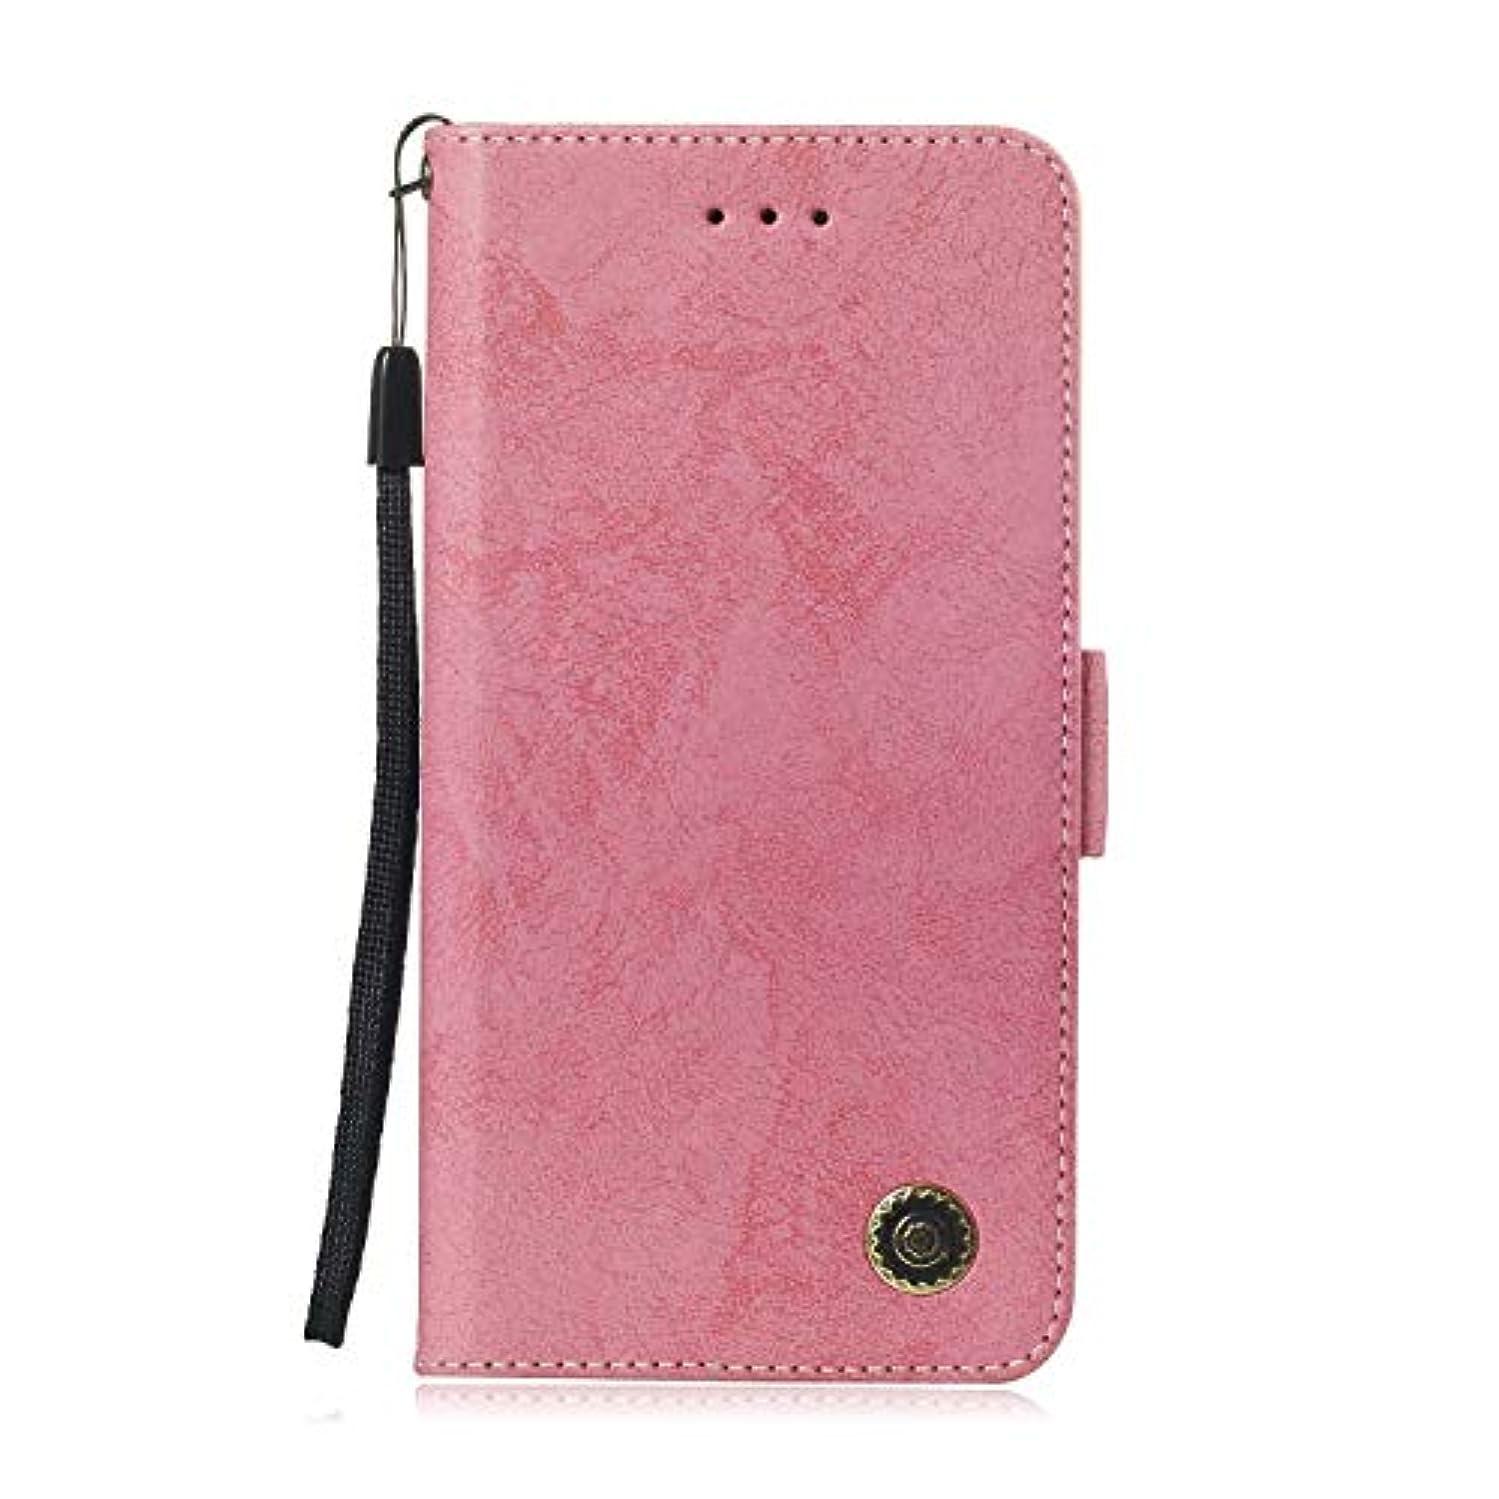 海洋変色するクレデンシャルZeebox® Huawei Honor 8C 手帳型ケース Huawei Honor 8C 手帳型カバー 財布型 合皮PUレザー マグネット式 保護ケース カード収納 スタンド 機能 (ピンク #3)